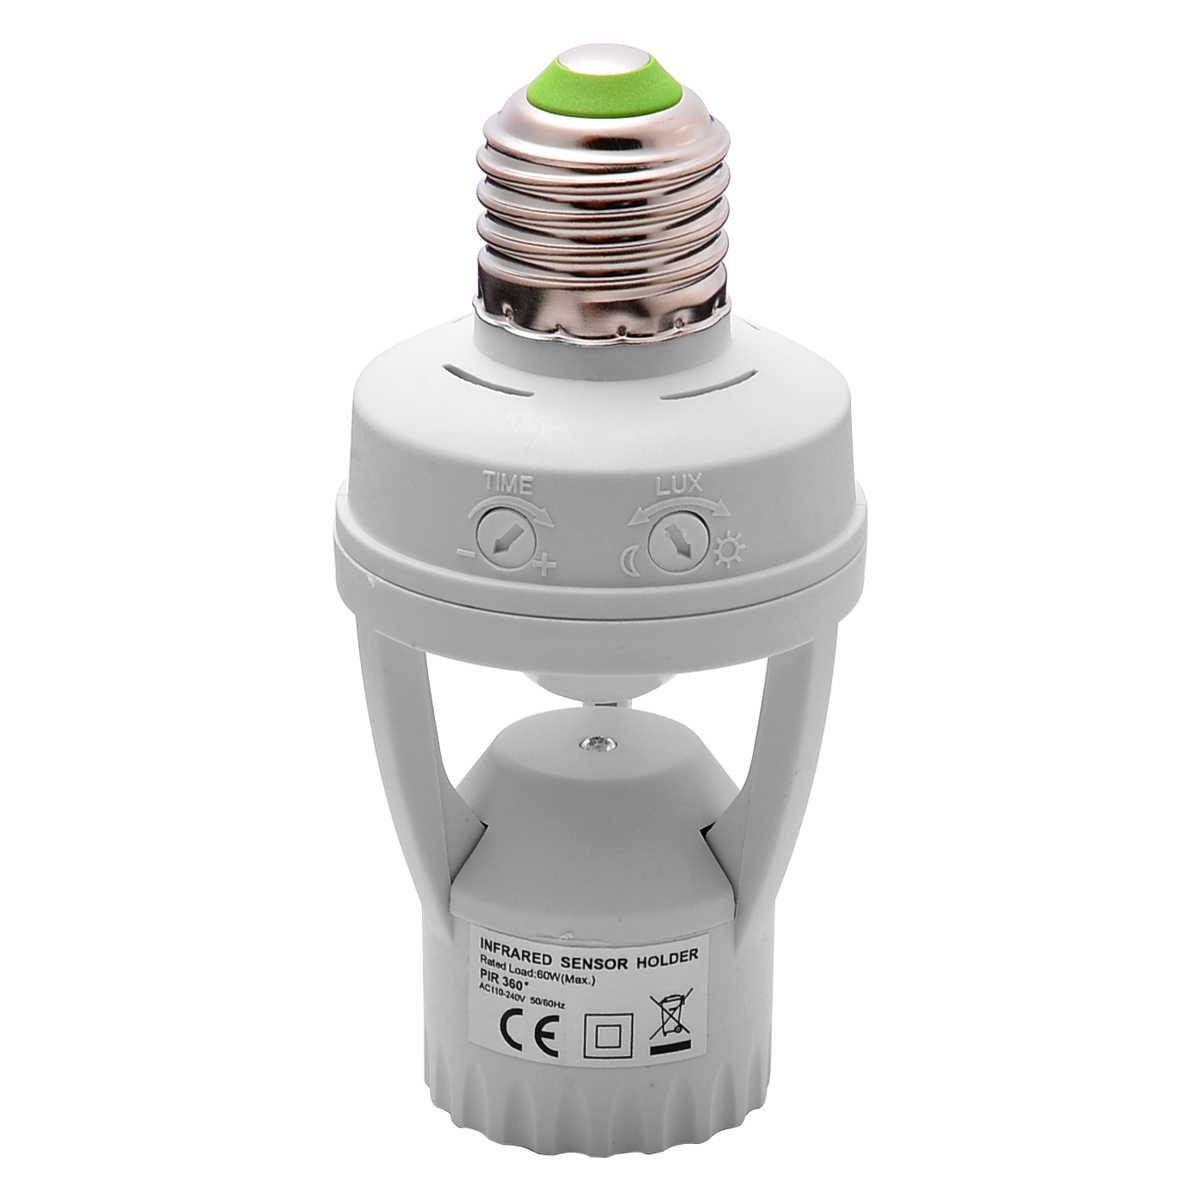 110/220 В инфракрасный PIR датчик движения светодиодный светильник держатель лампы гнездо переключатель светильник аксессуар